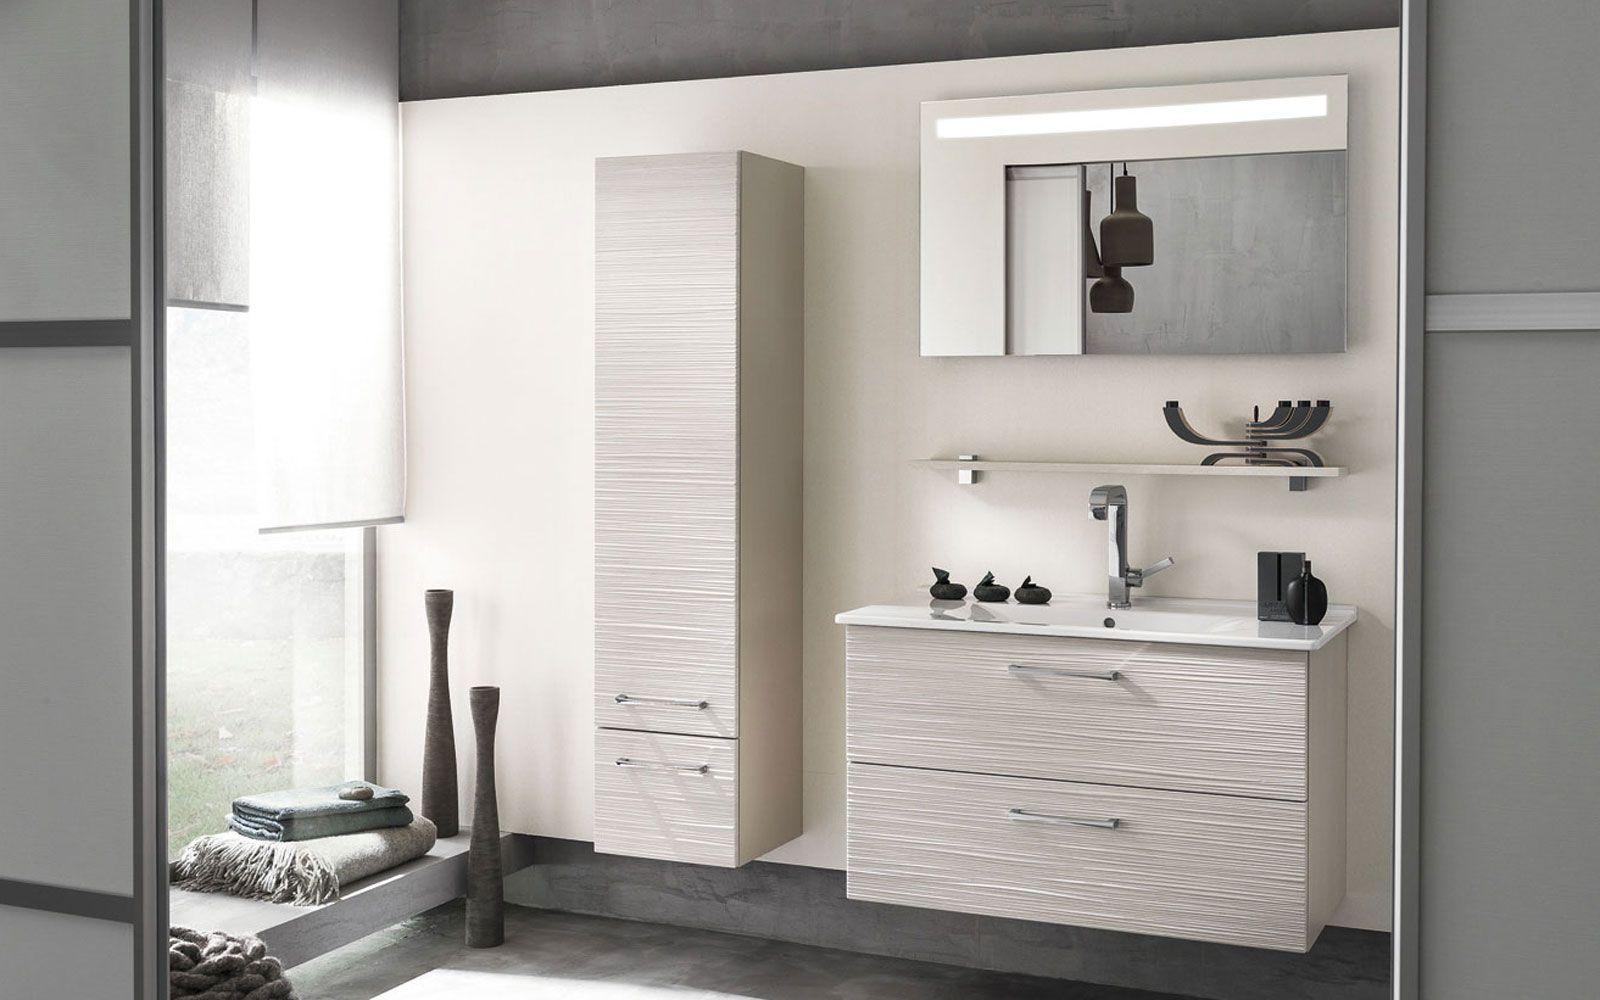 Miroir Lumiere Integree Meuble Sous Vasque 2 Niveaux De Rangement